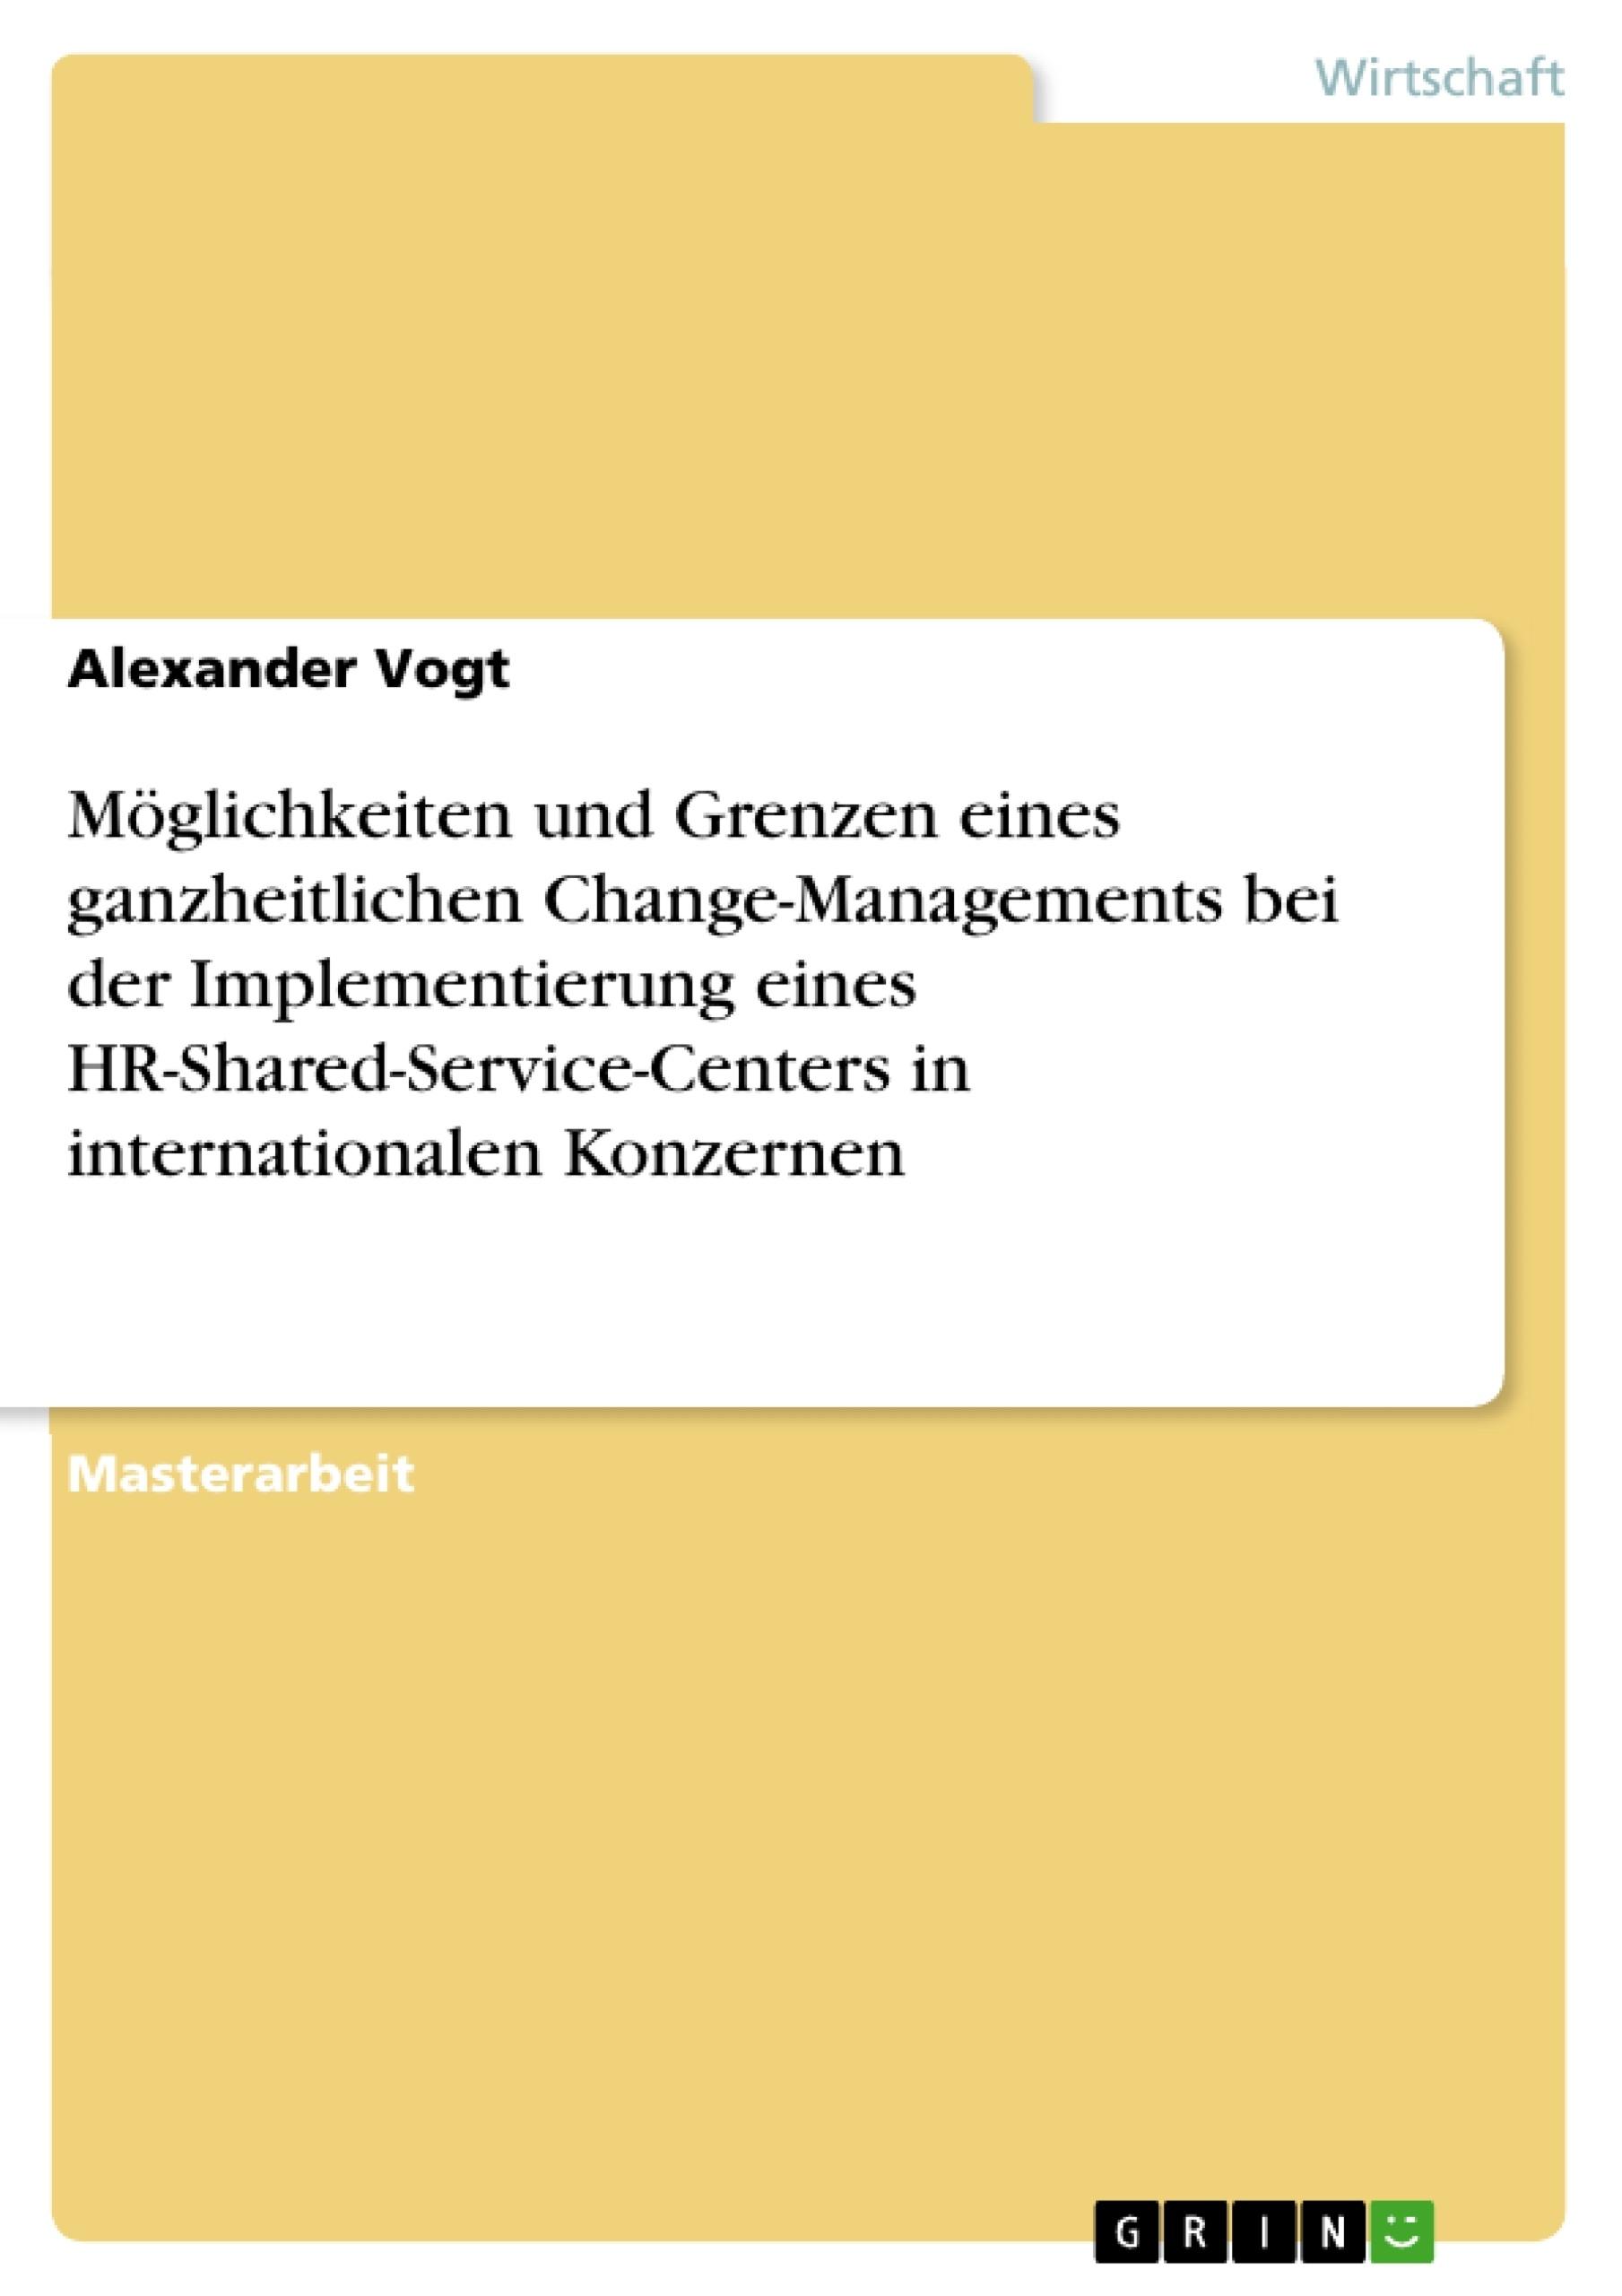 Titel: Möglichkeiten und Grenzen eines ganzheitlichen Change-Managements bei der Implementierung eines HR-Shared-Service-Centers in internationalen Konzernen